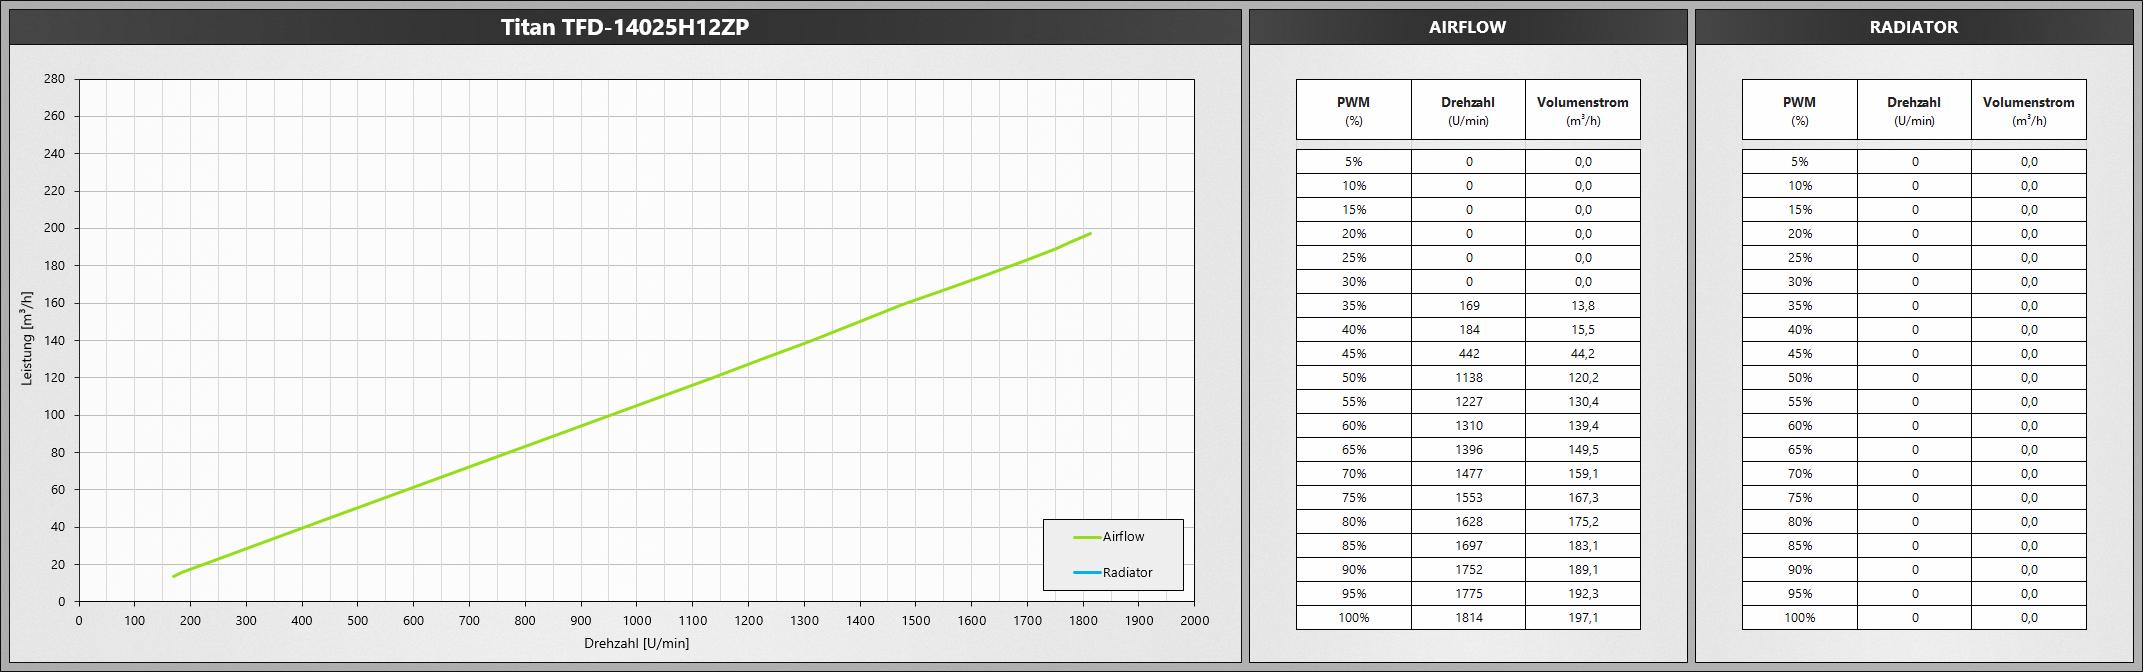 Klicken Sie auf die Grafik für eine größere Ansicht  Name:TitanTFD140.png Hits:645 Größe:468,2 KB ID:1074792